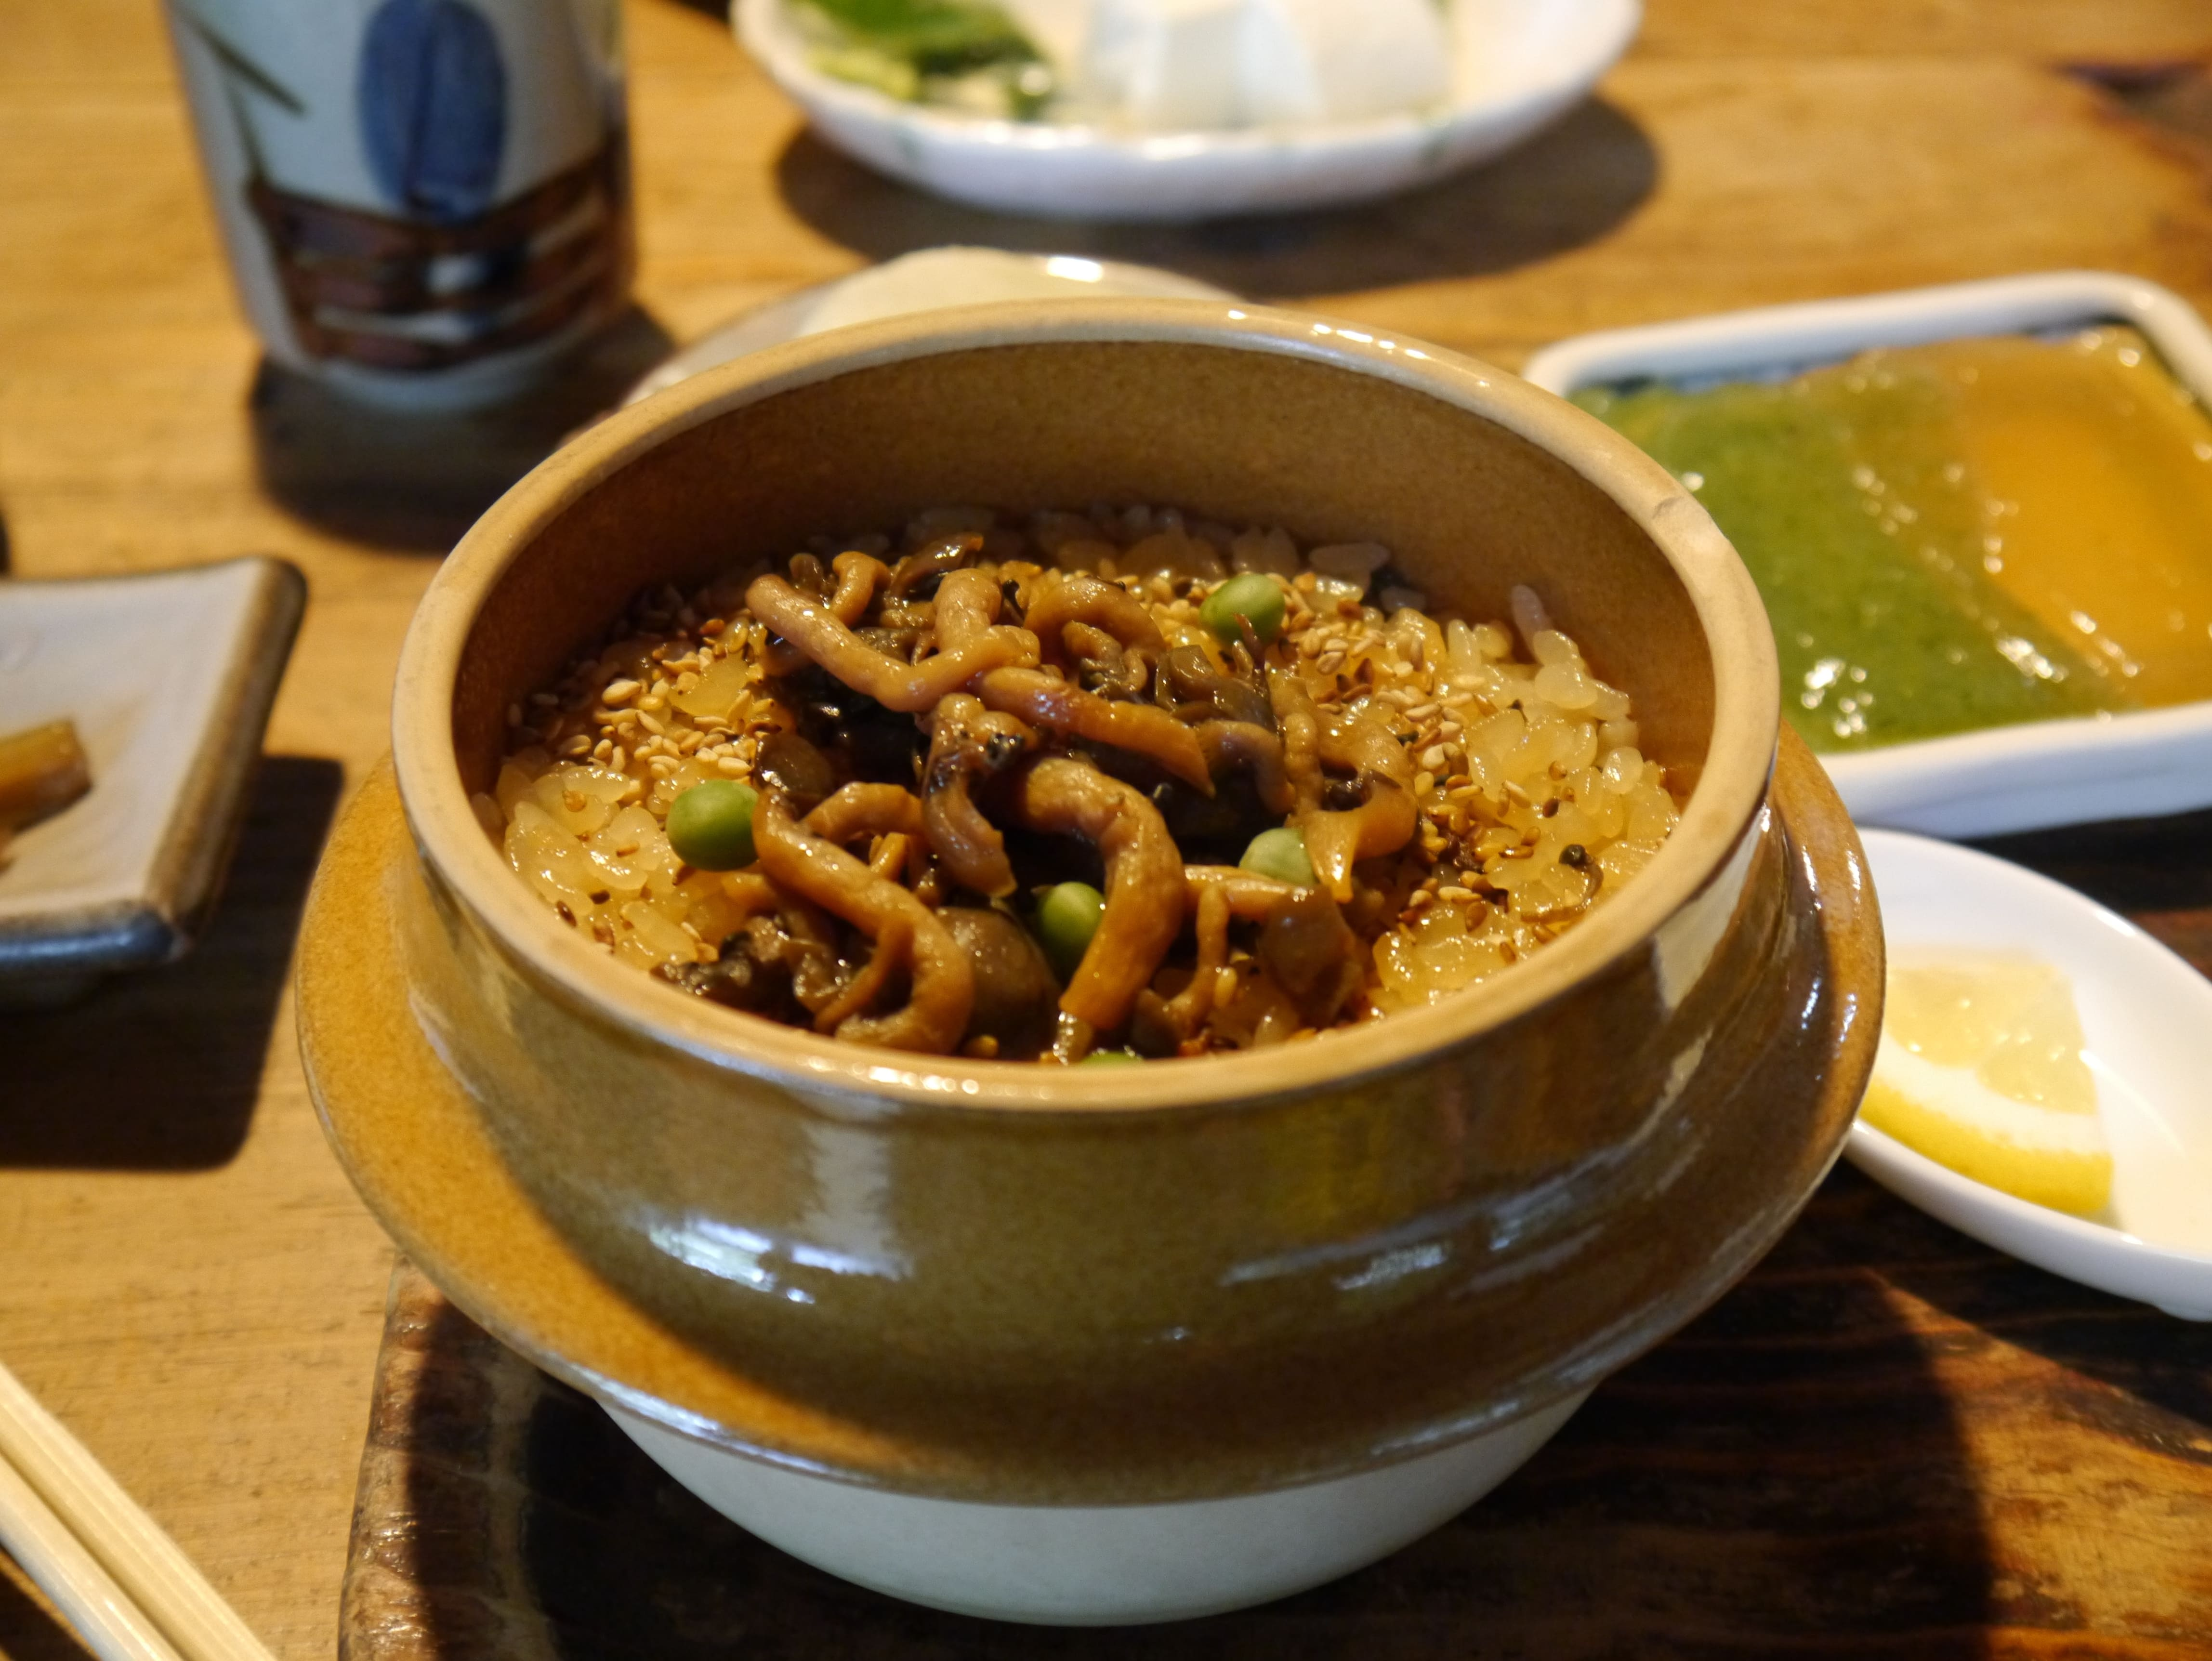 景色と空気も美味しい秘境の釜飯店 ~ 奥多摩/川井駅 なかい